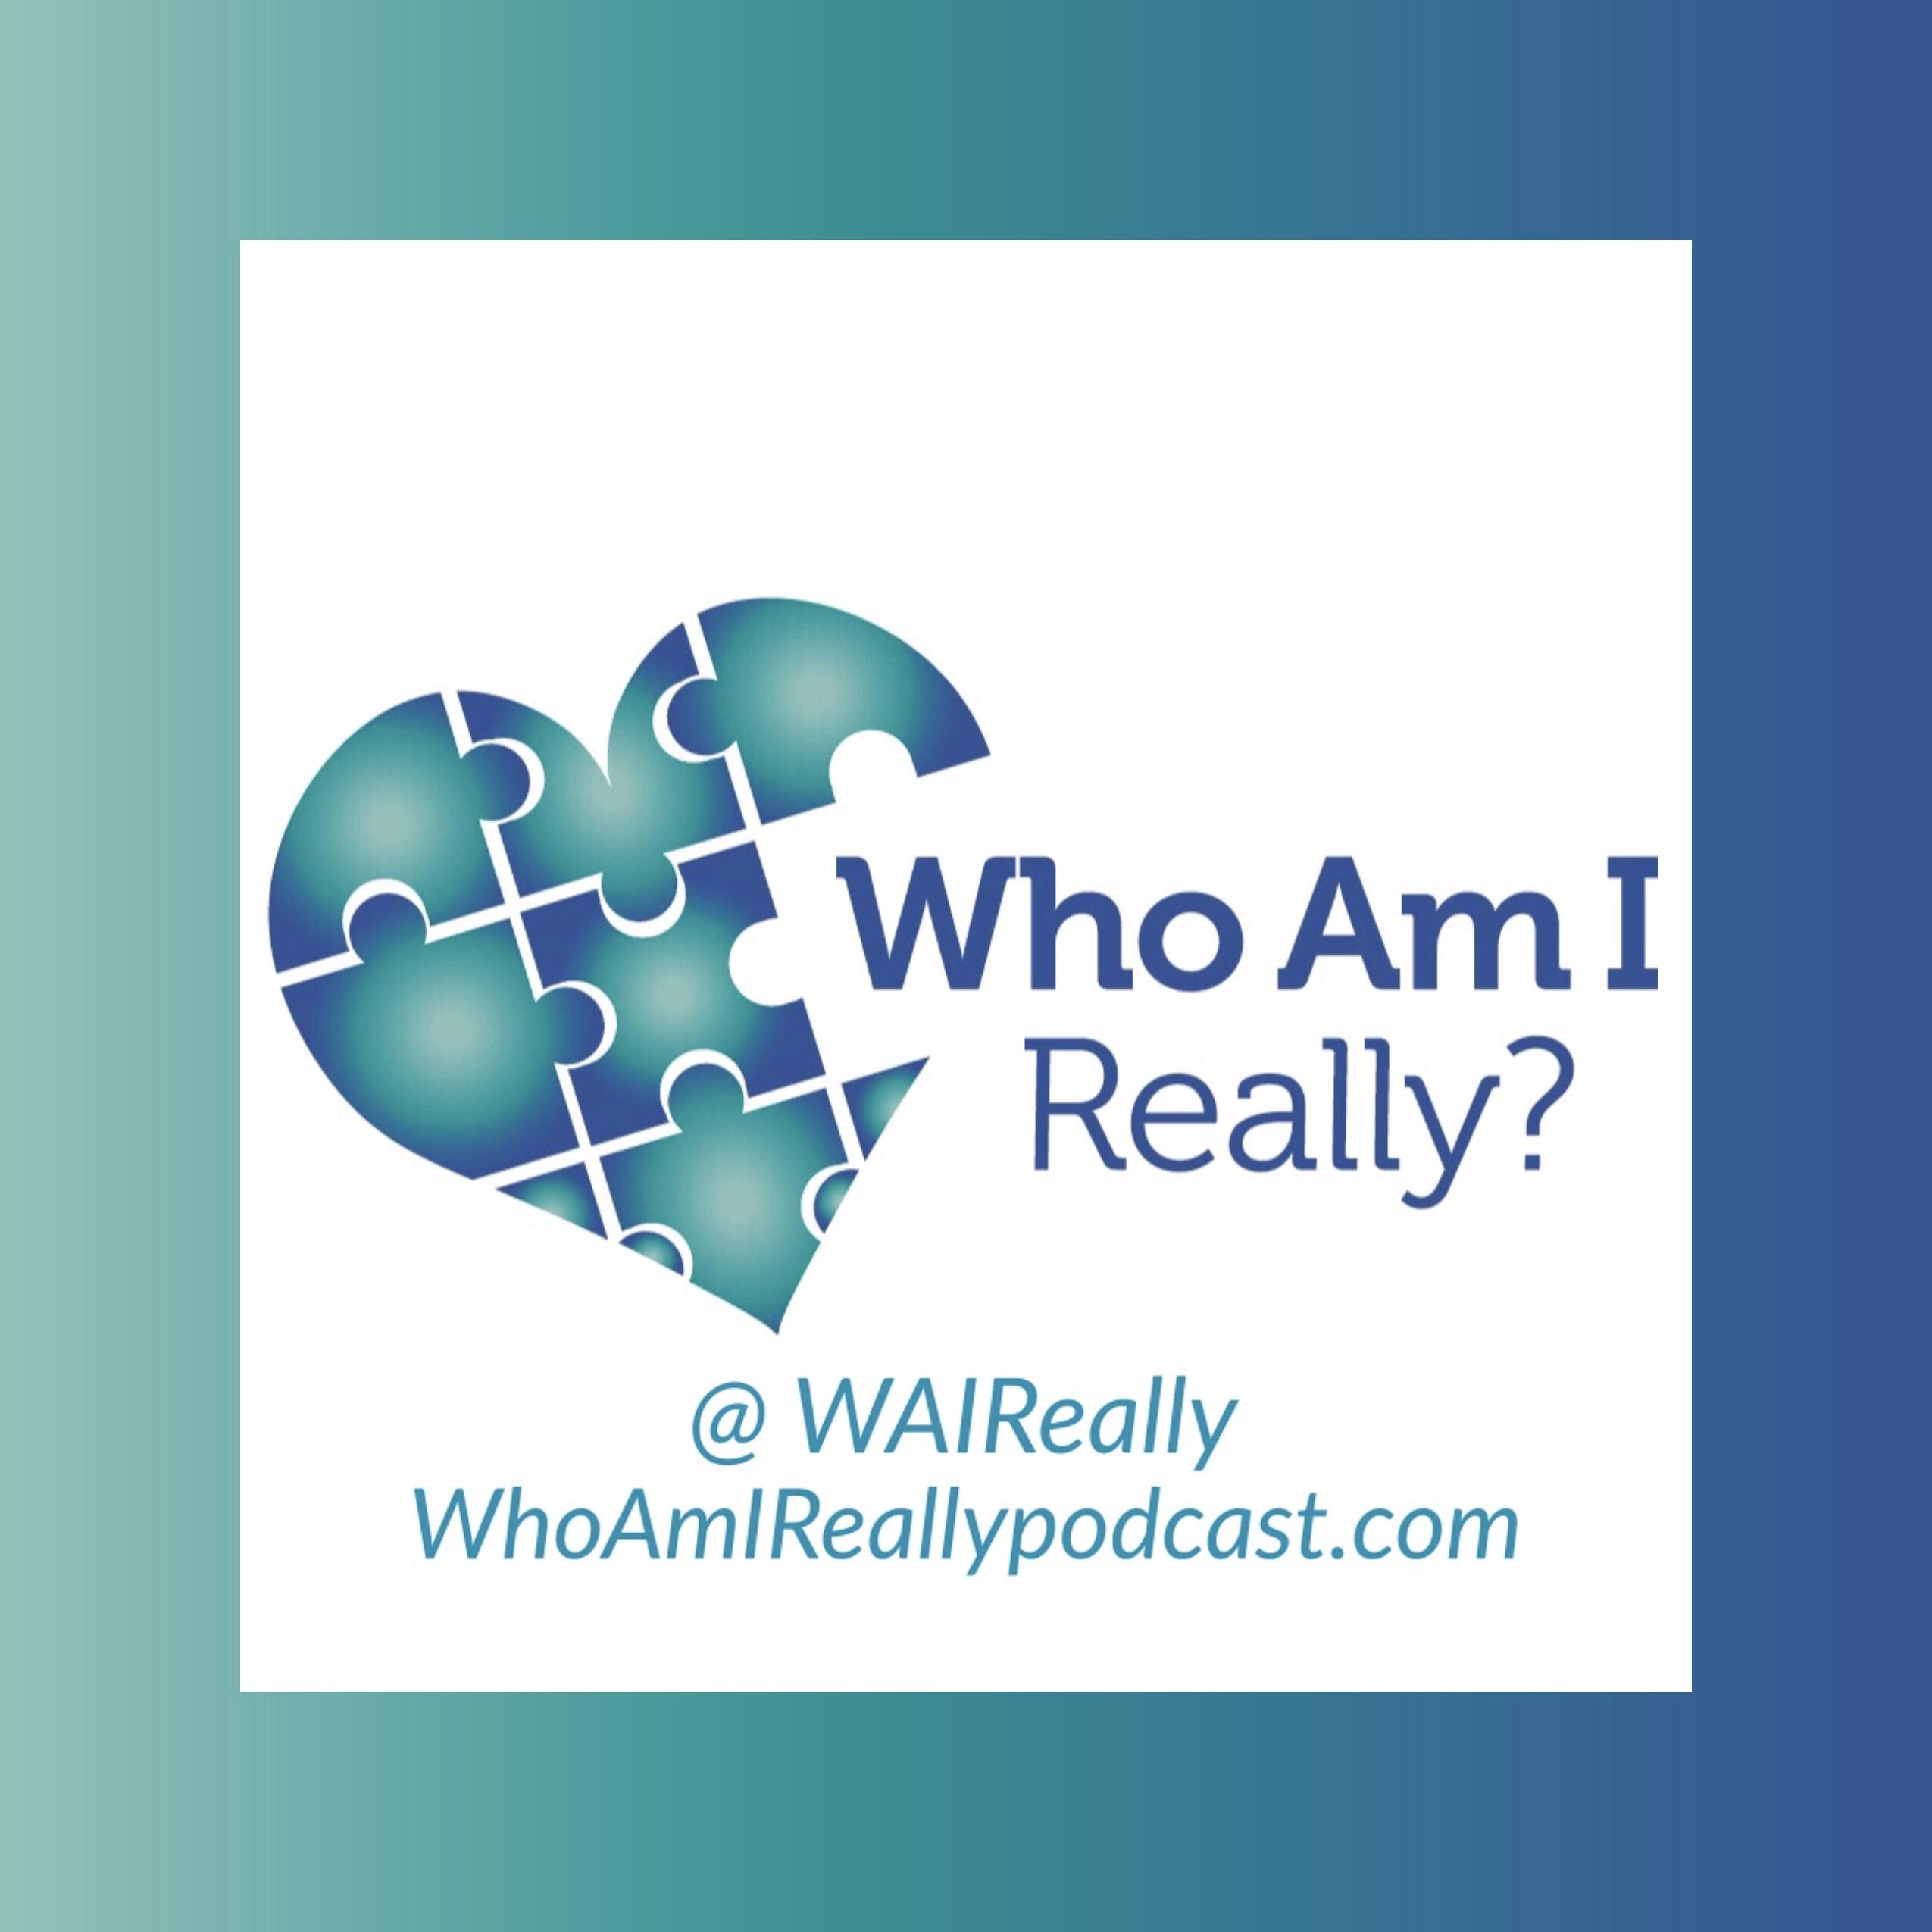 Who Am I Really?